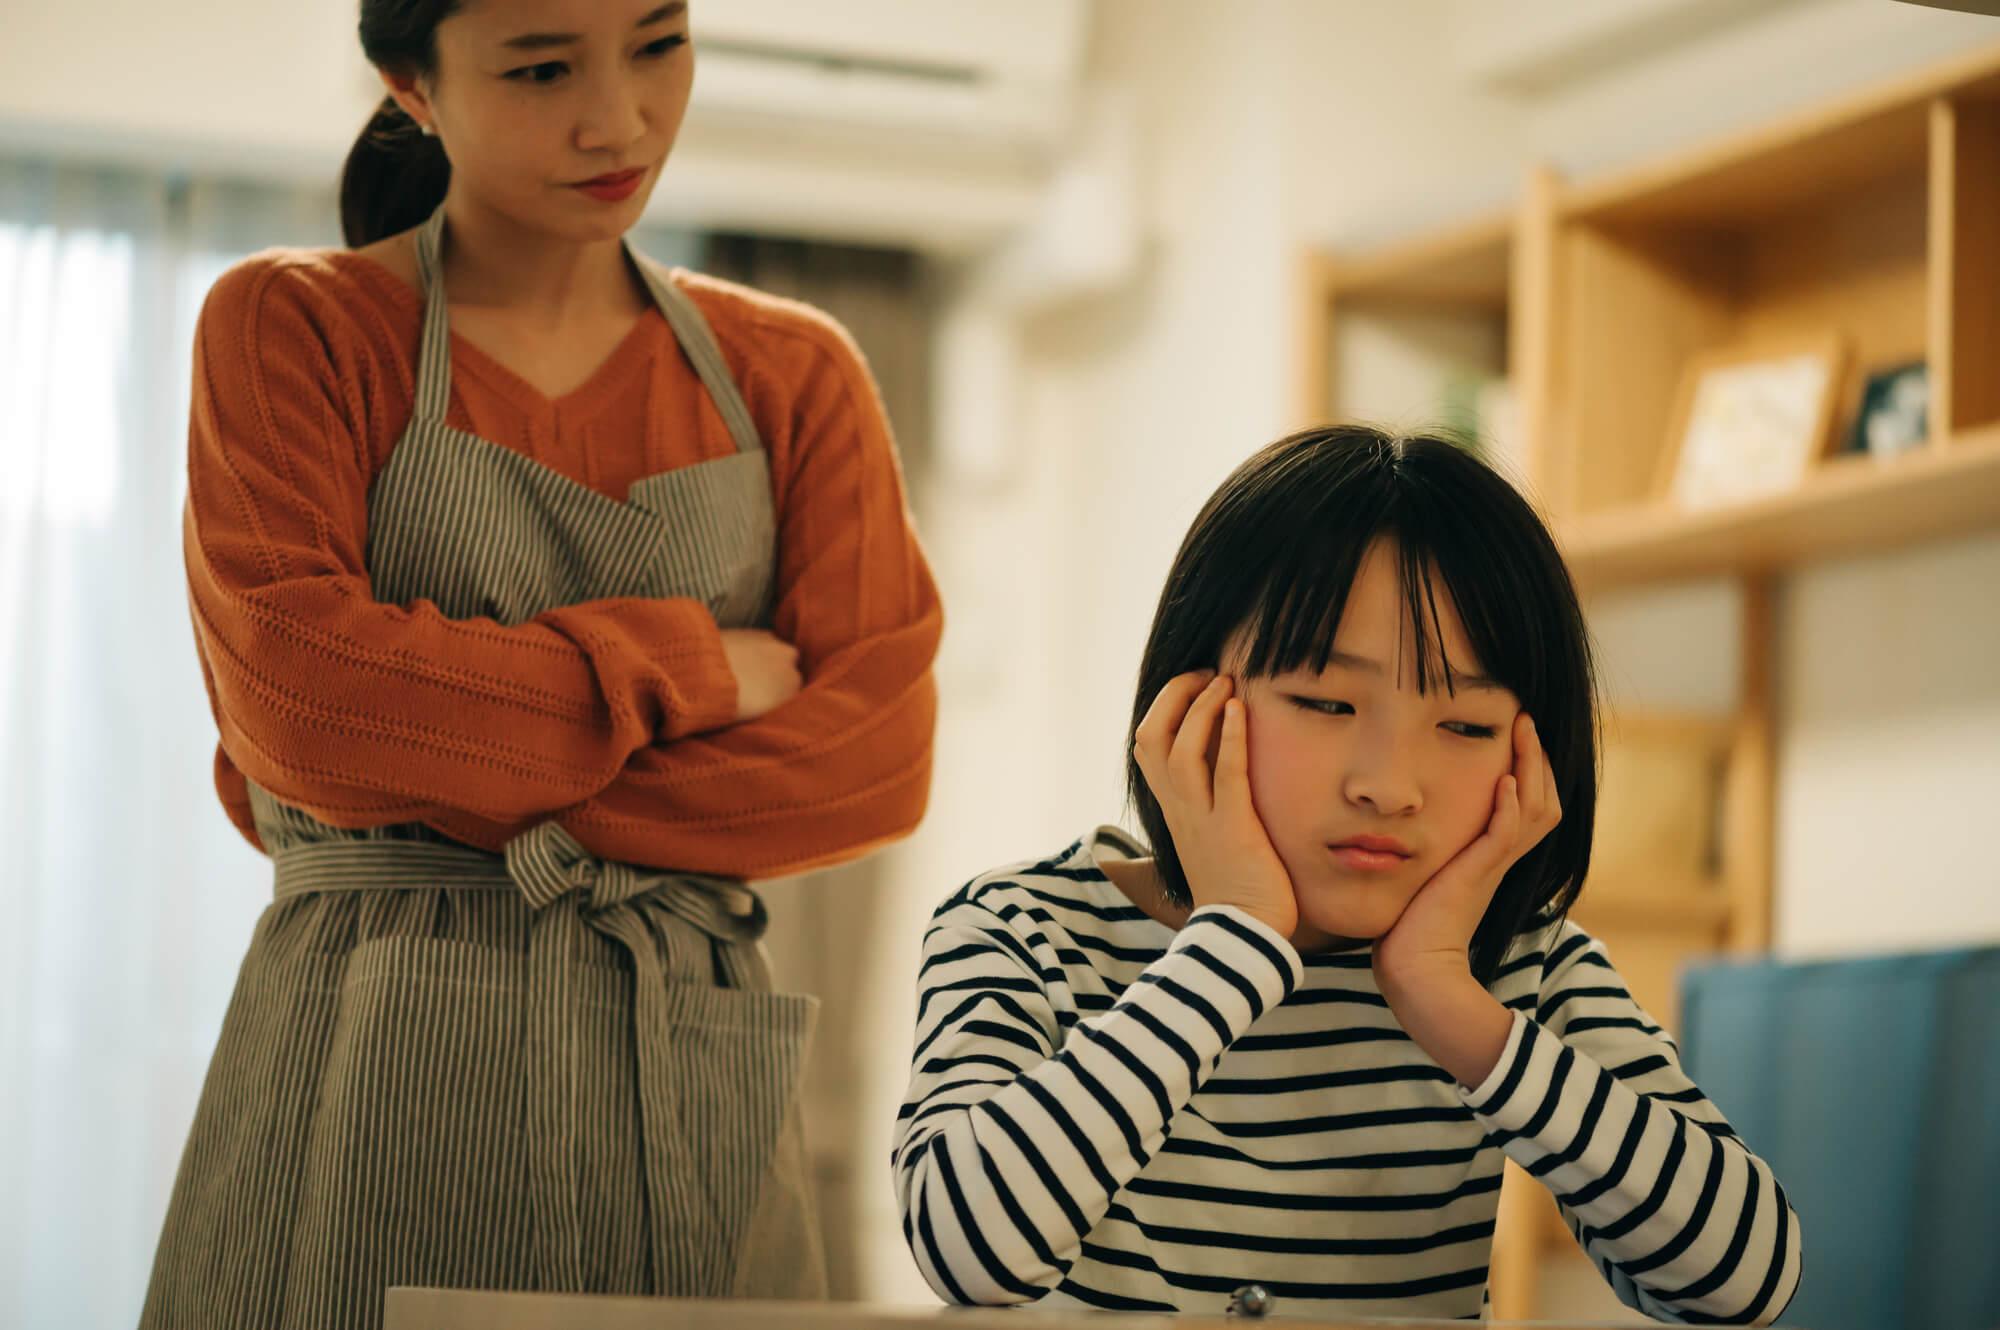 発達障害の娘が不登校になり困り果てている母親